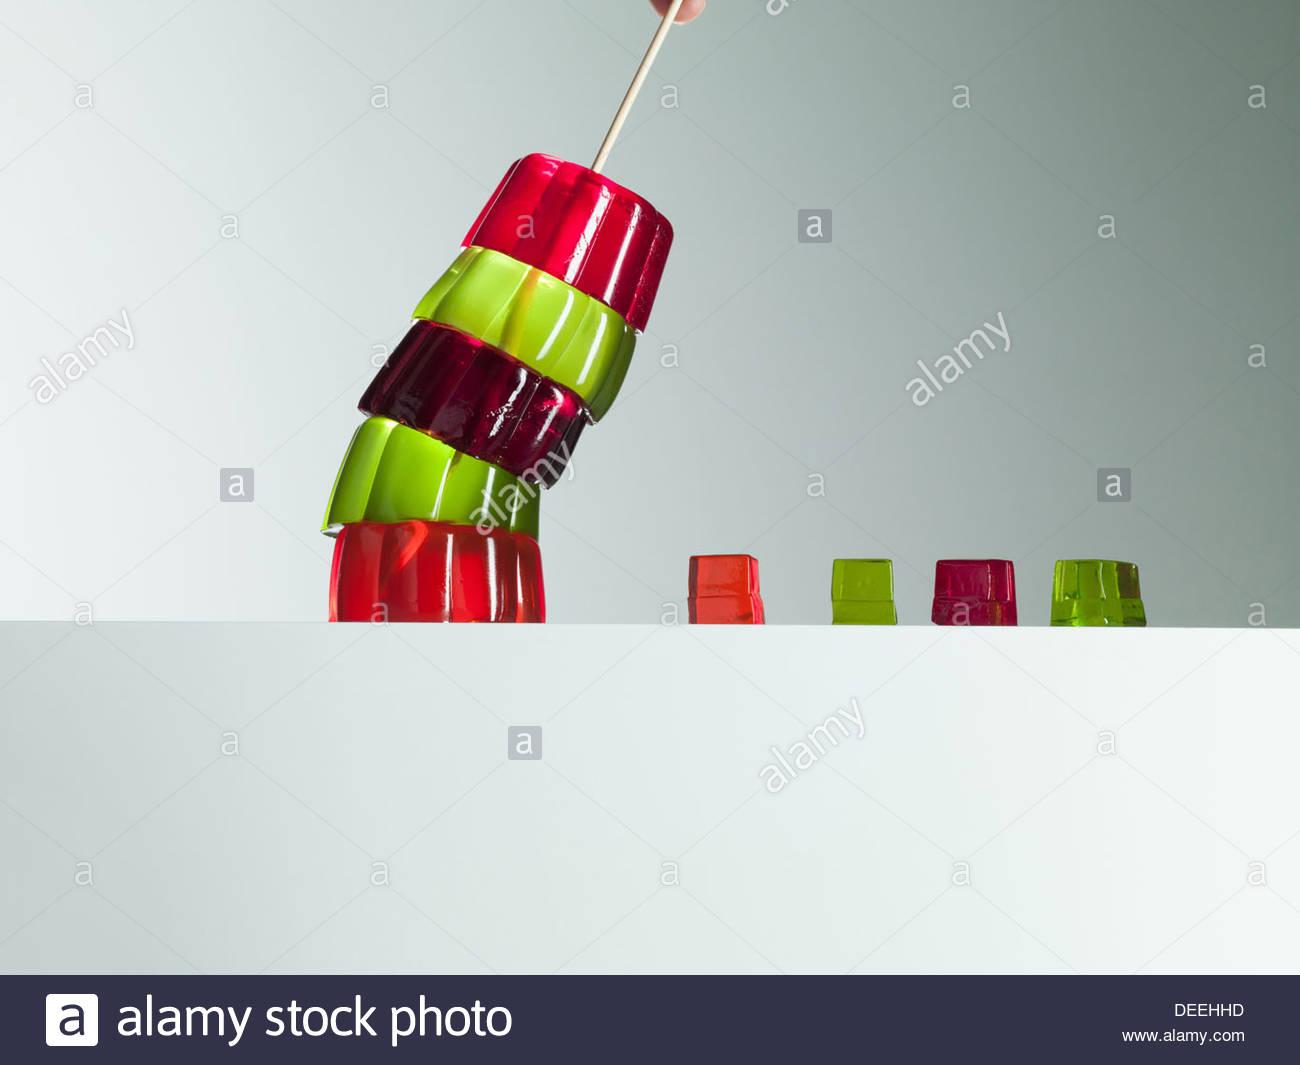 Pile de gélatine dynamique dessert penché au-dessus de petits cubes de gélatine dessert Photo Stock